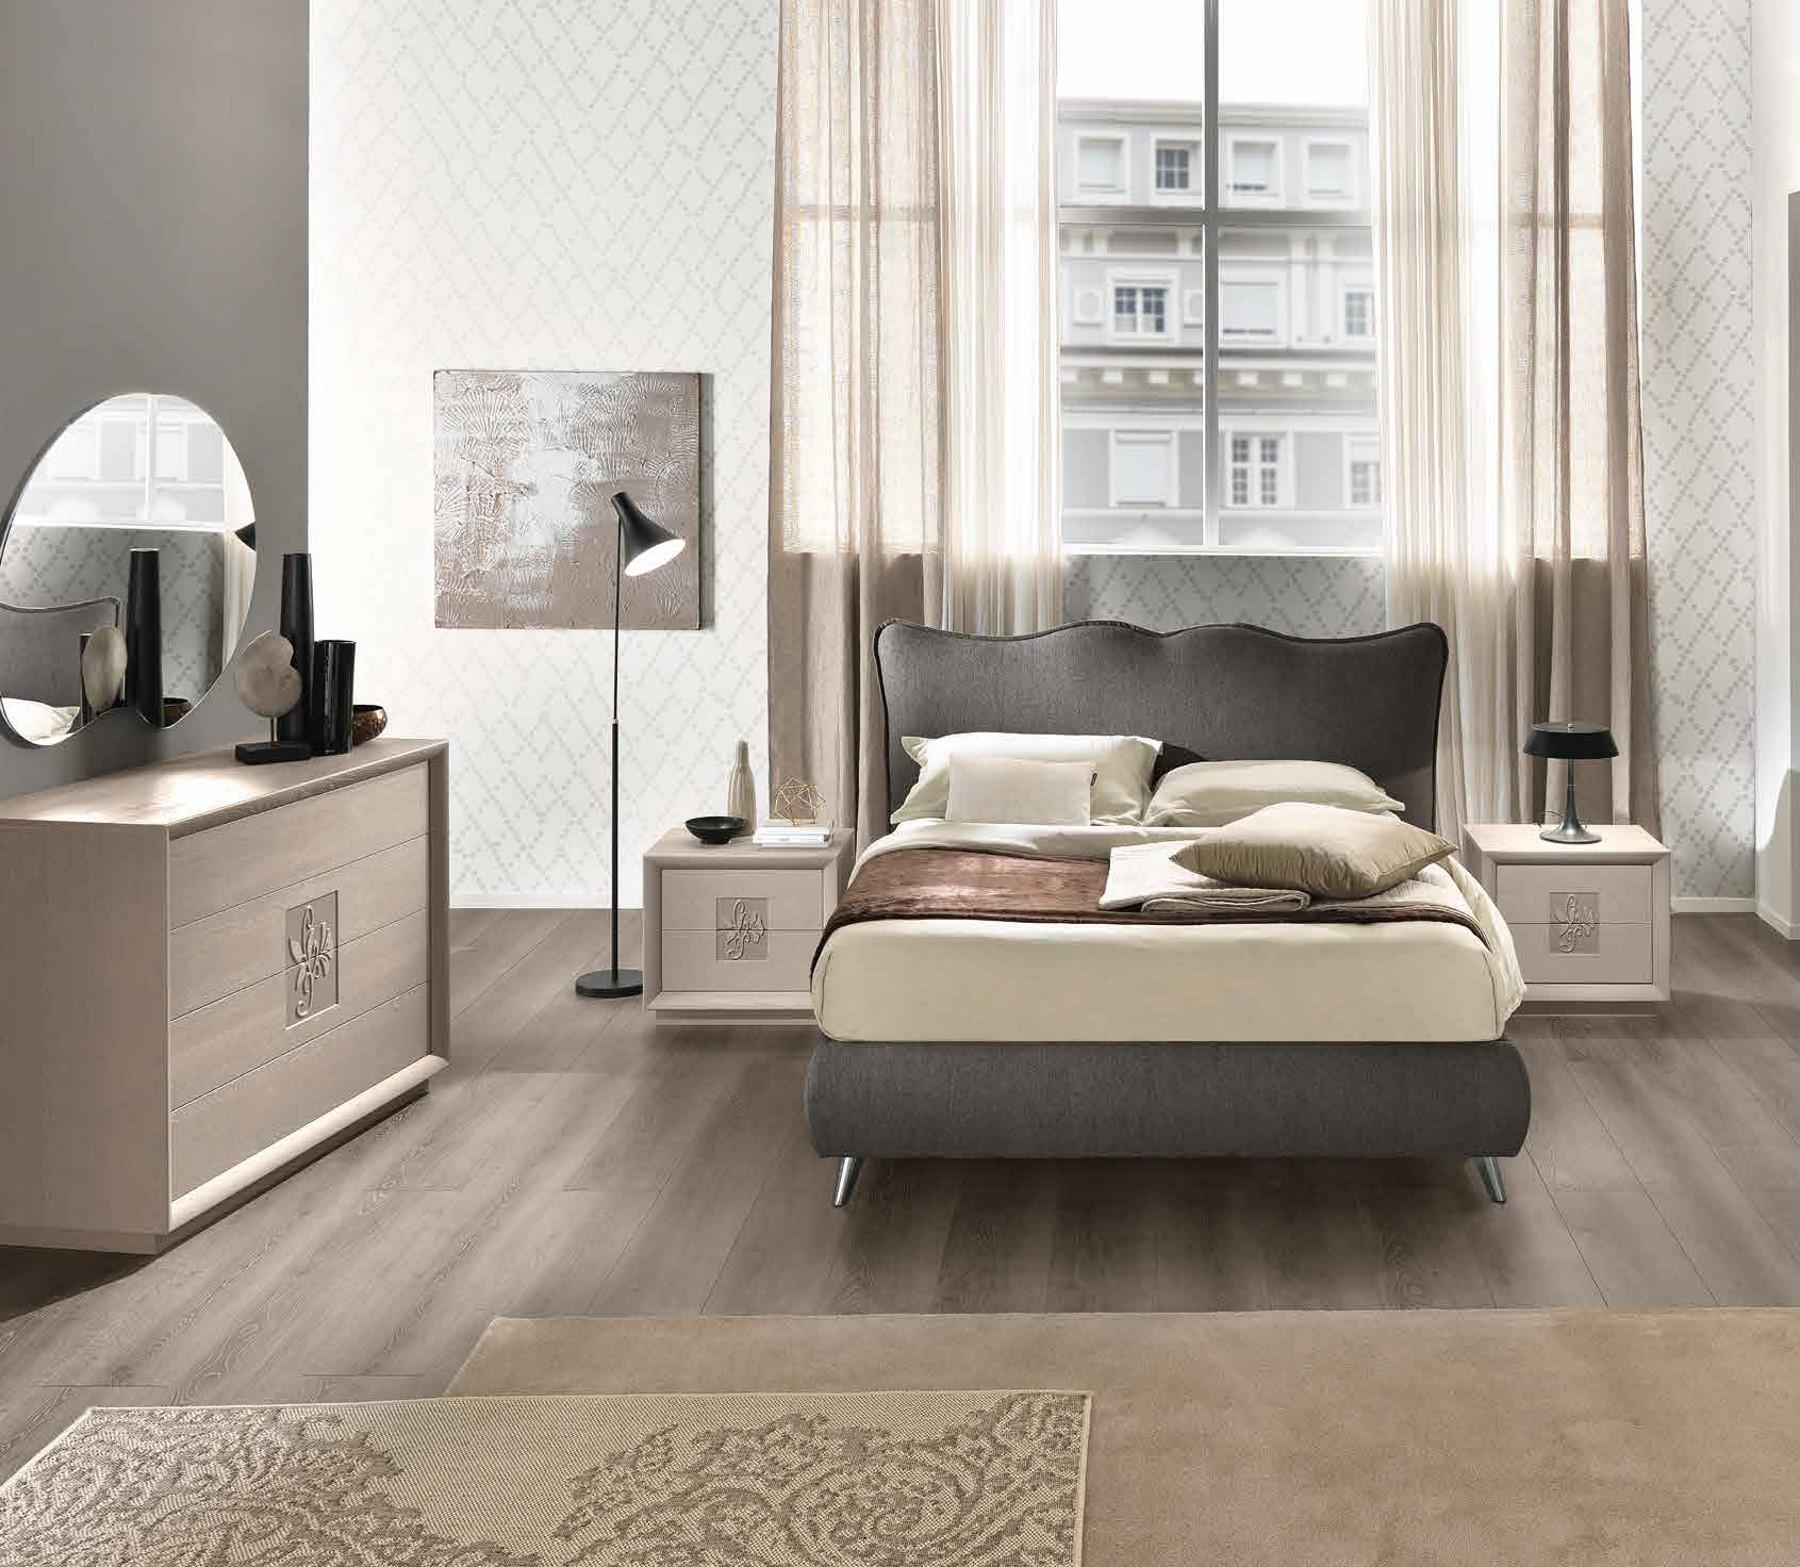 Euro design arredamento camere da letto arredo moderno e classico - Mobilturi camere da letto ...